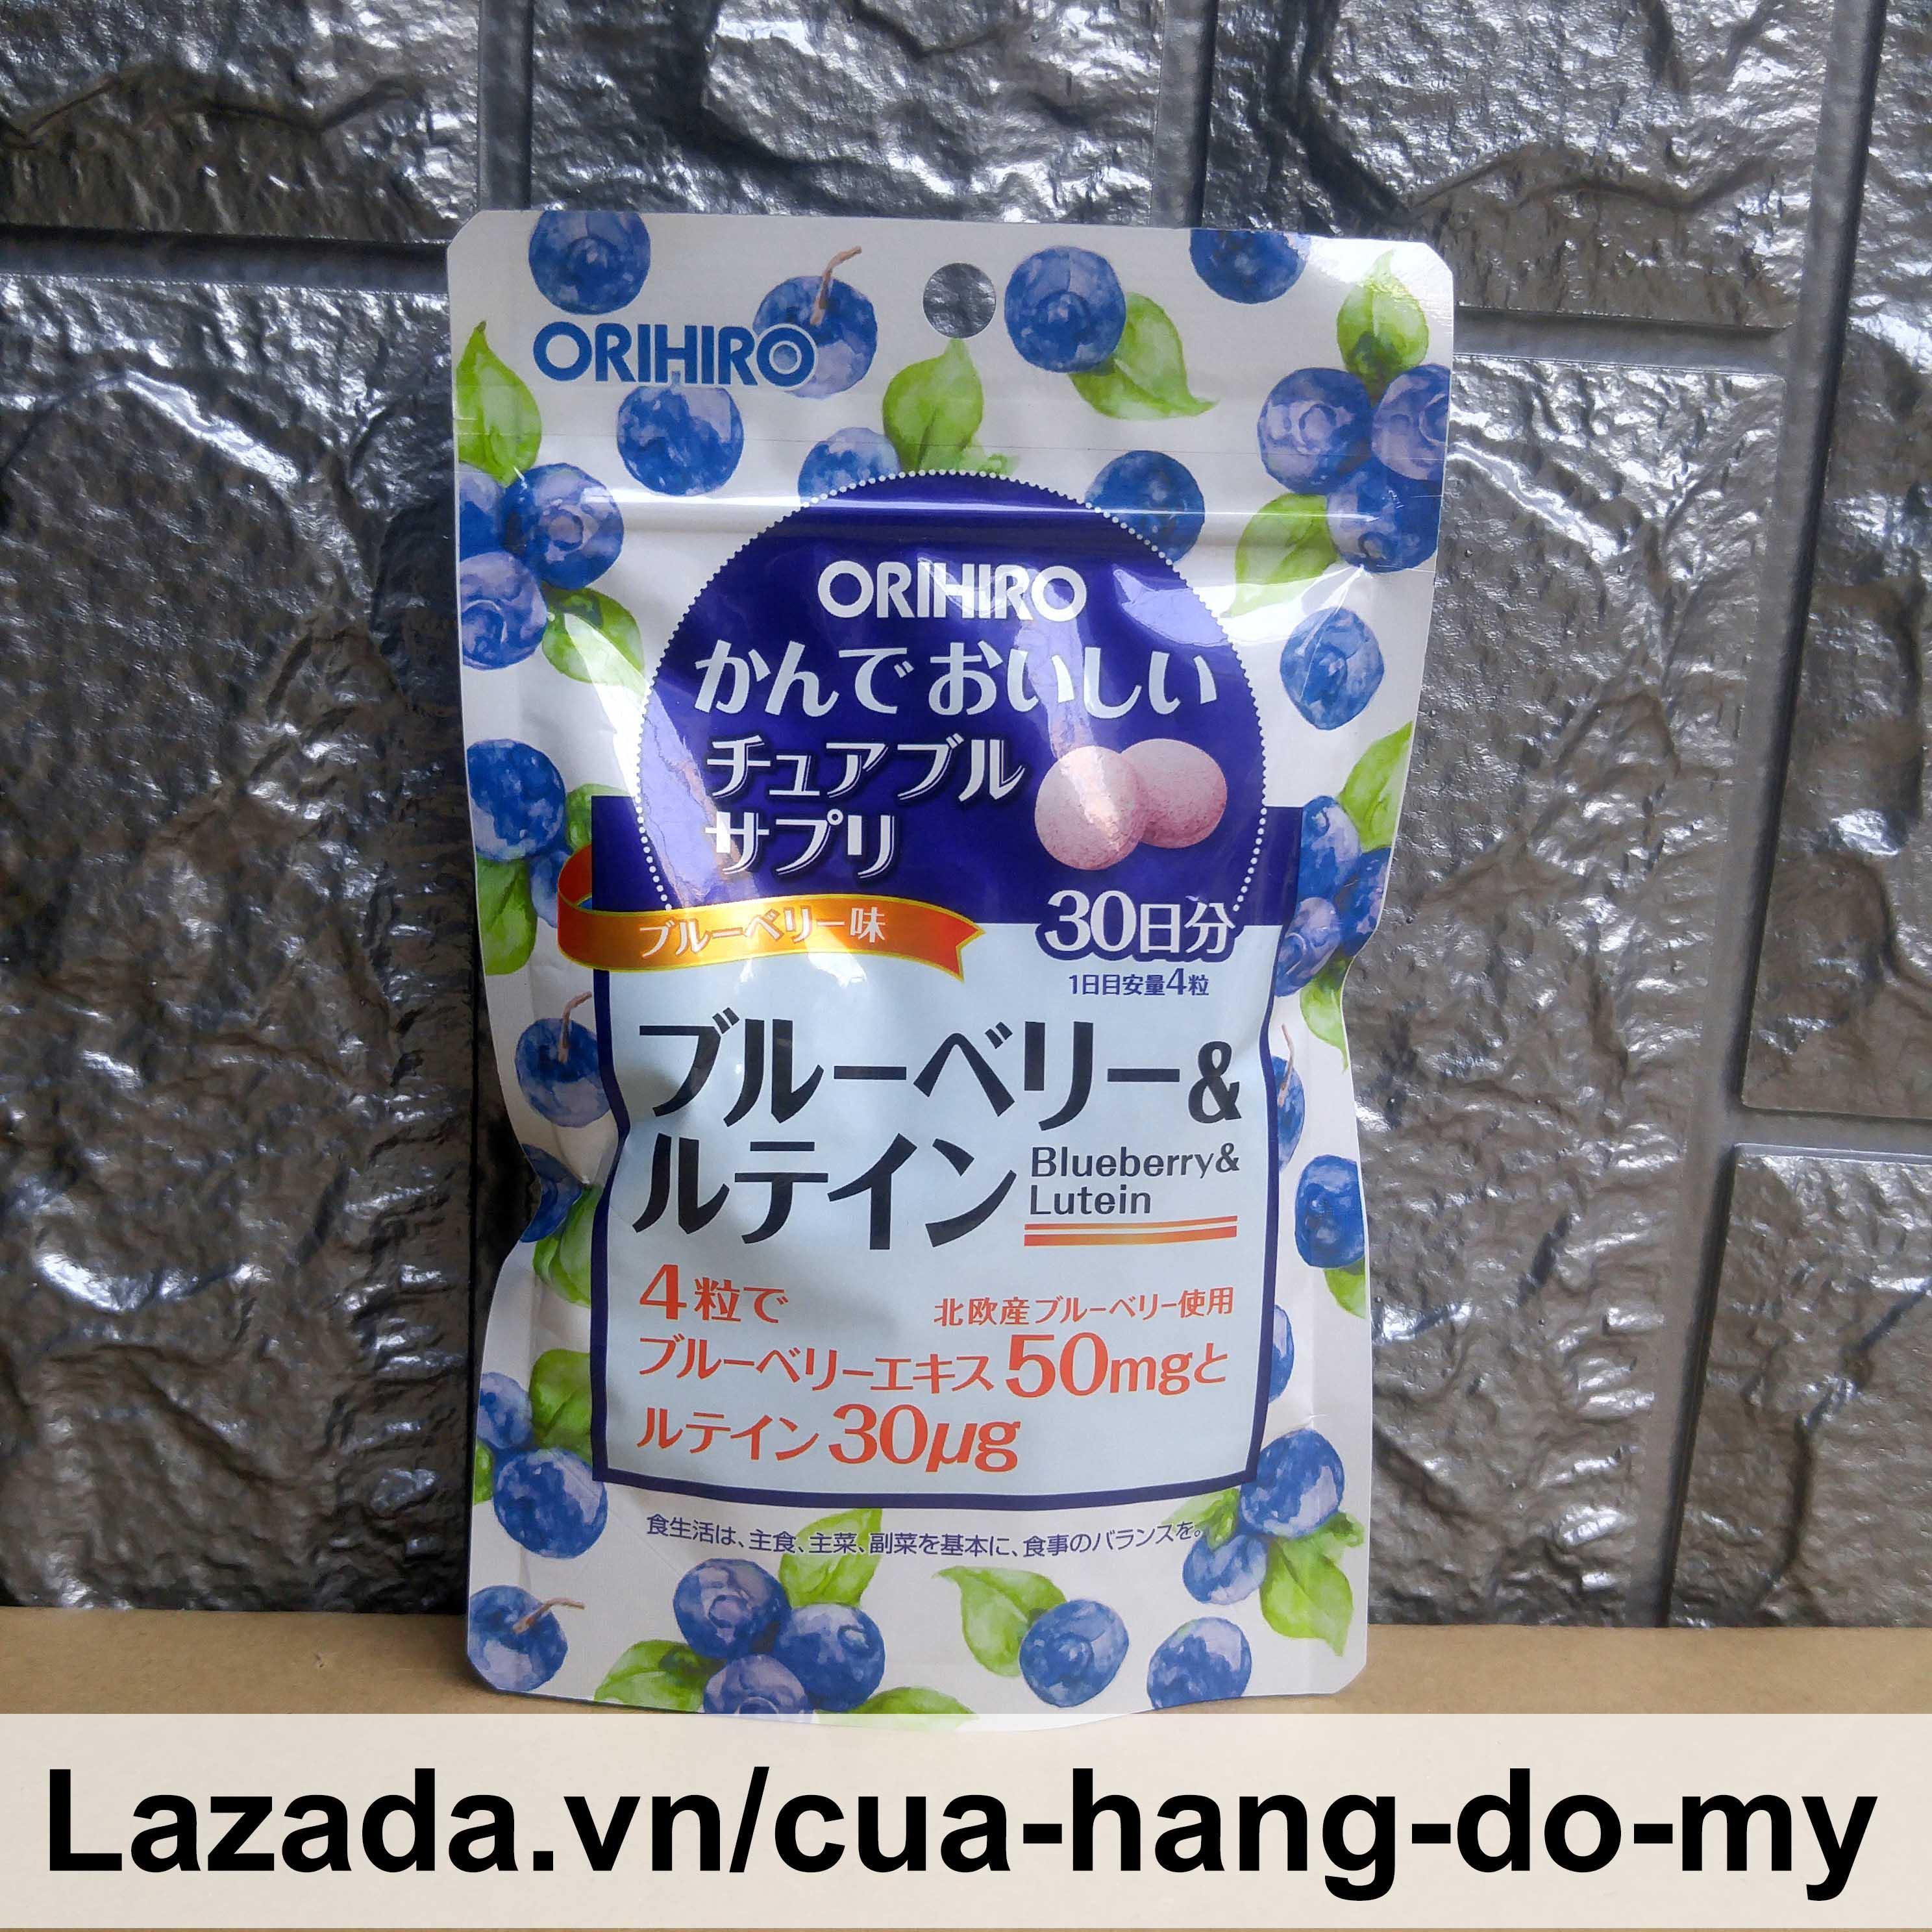 Kẹo ngậm bổ sung Blueberry và Lutein Orihiro 120 viên - Kẹo nhai hương việt quất bổ sung vi chất tốt cho mắt cao cấp